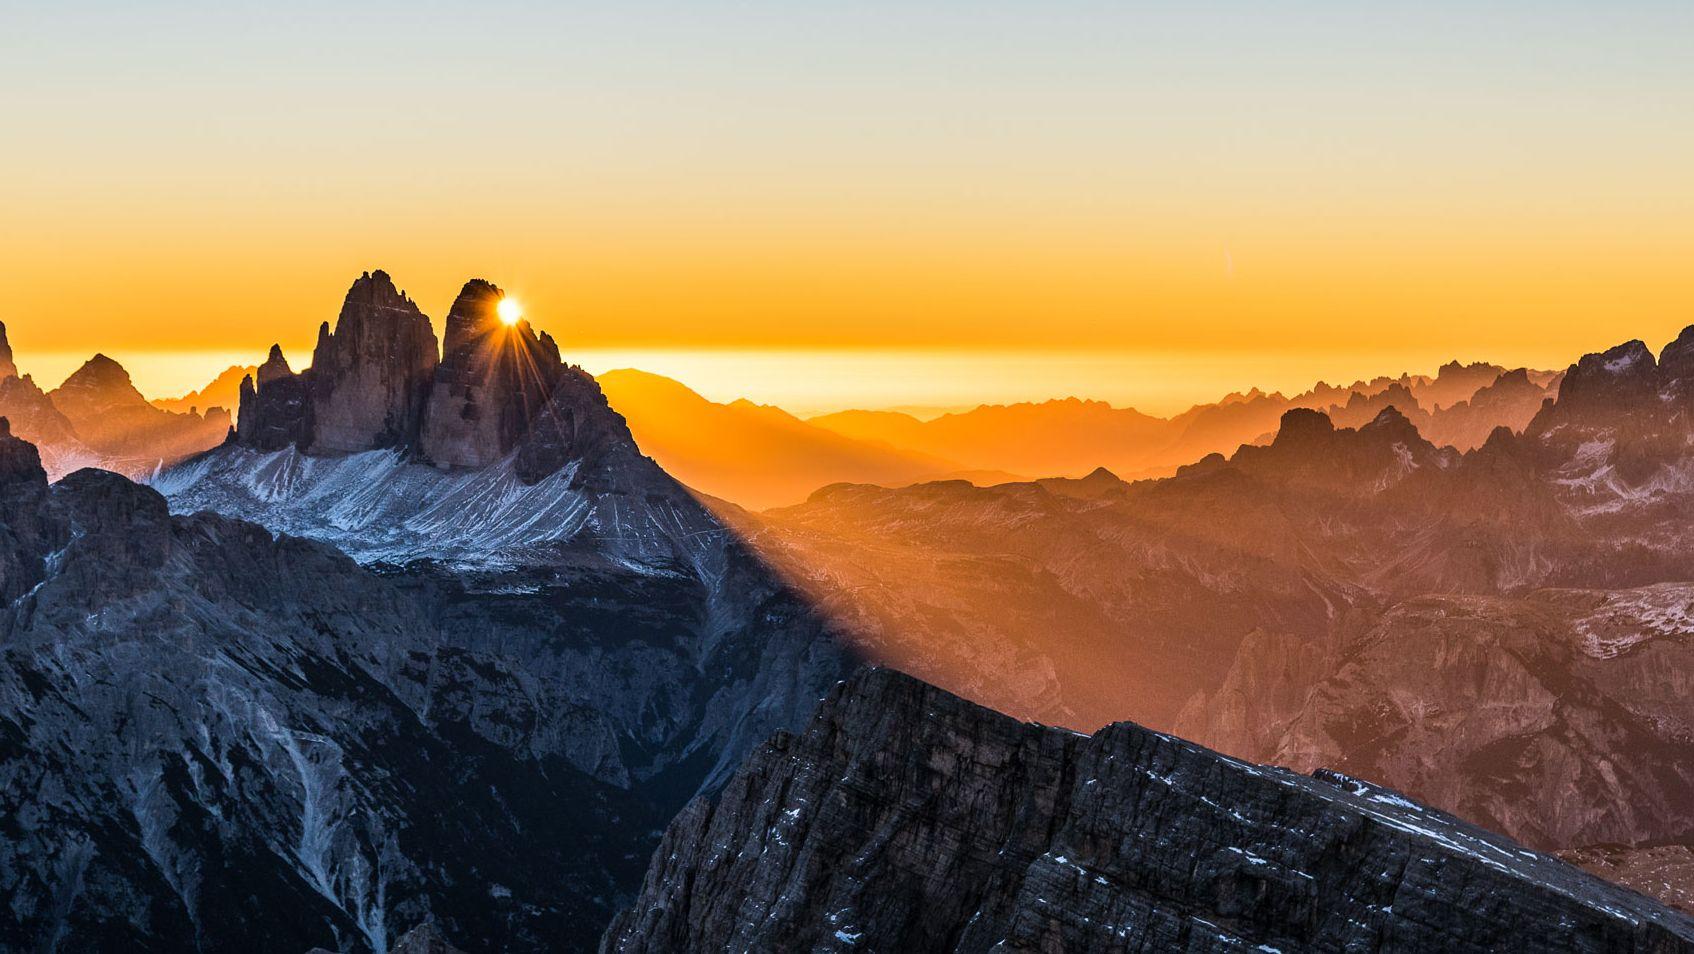 Blick auf die Drei Zinnen in den Dolomiten bei Sonnenuntergang. Der DAV mahnt, dass der Klimawandel den Alpen schwer zu schaffen macht - Hochgebirge seien wie die Pole ein Fieberthermometer der Erde.